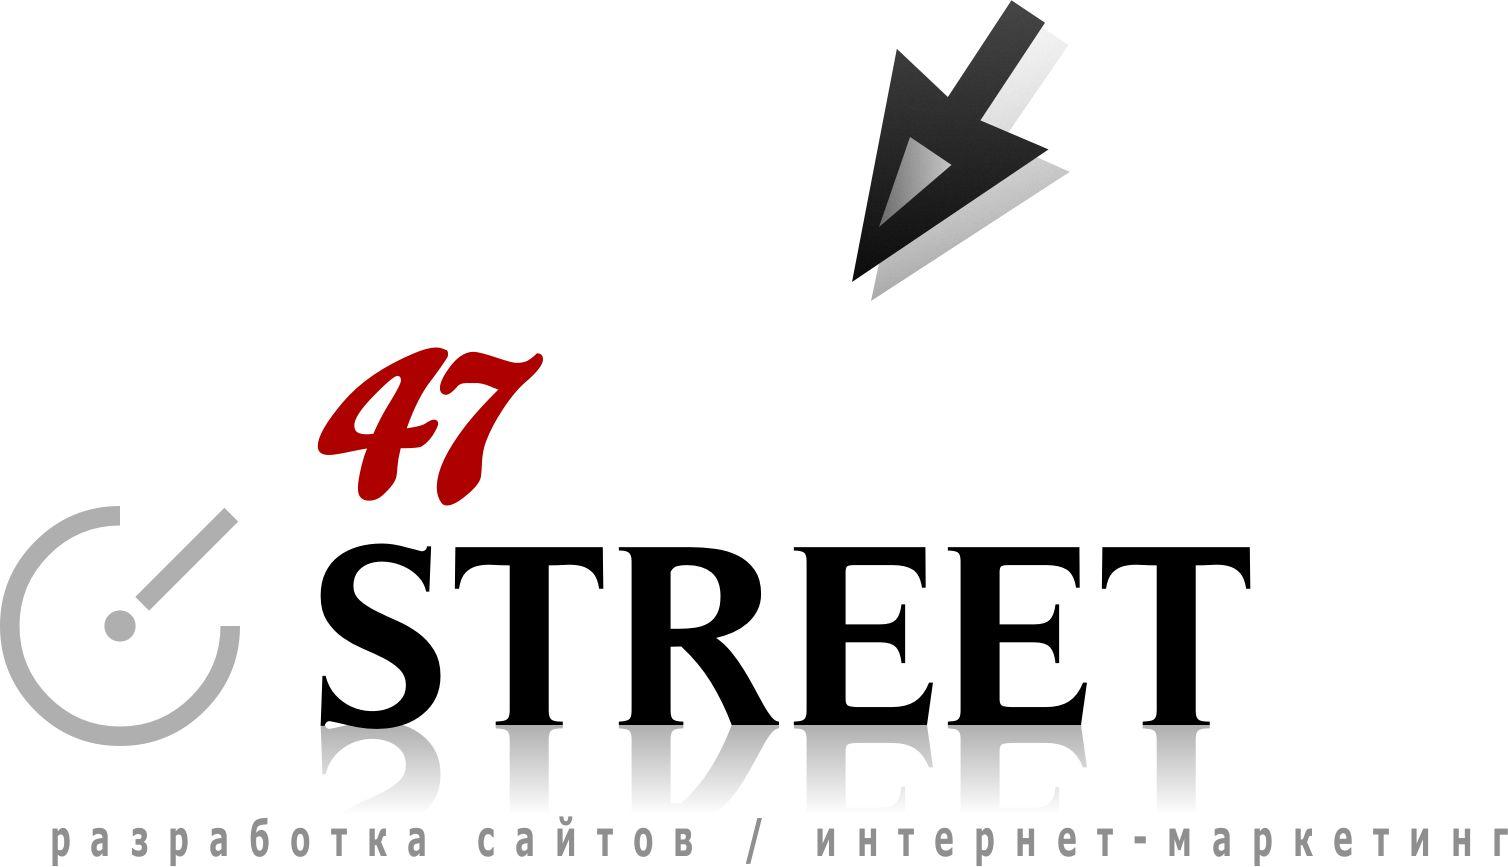 Разработка логотипа студии веб-разработки - дизайнер BeSSpaloFF